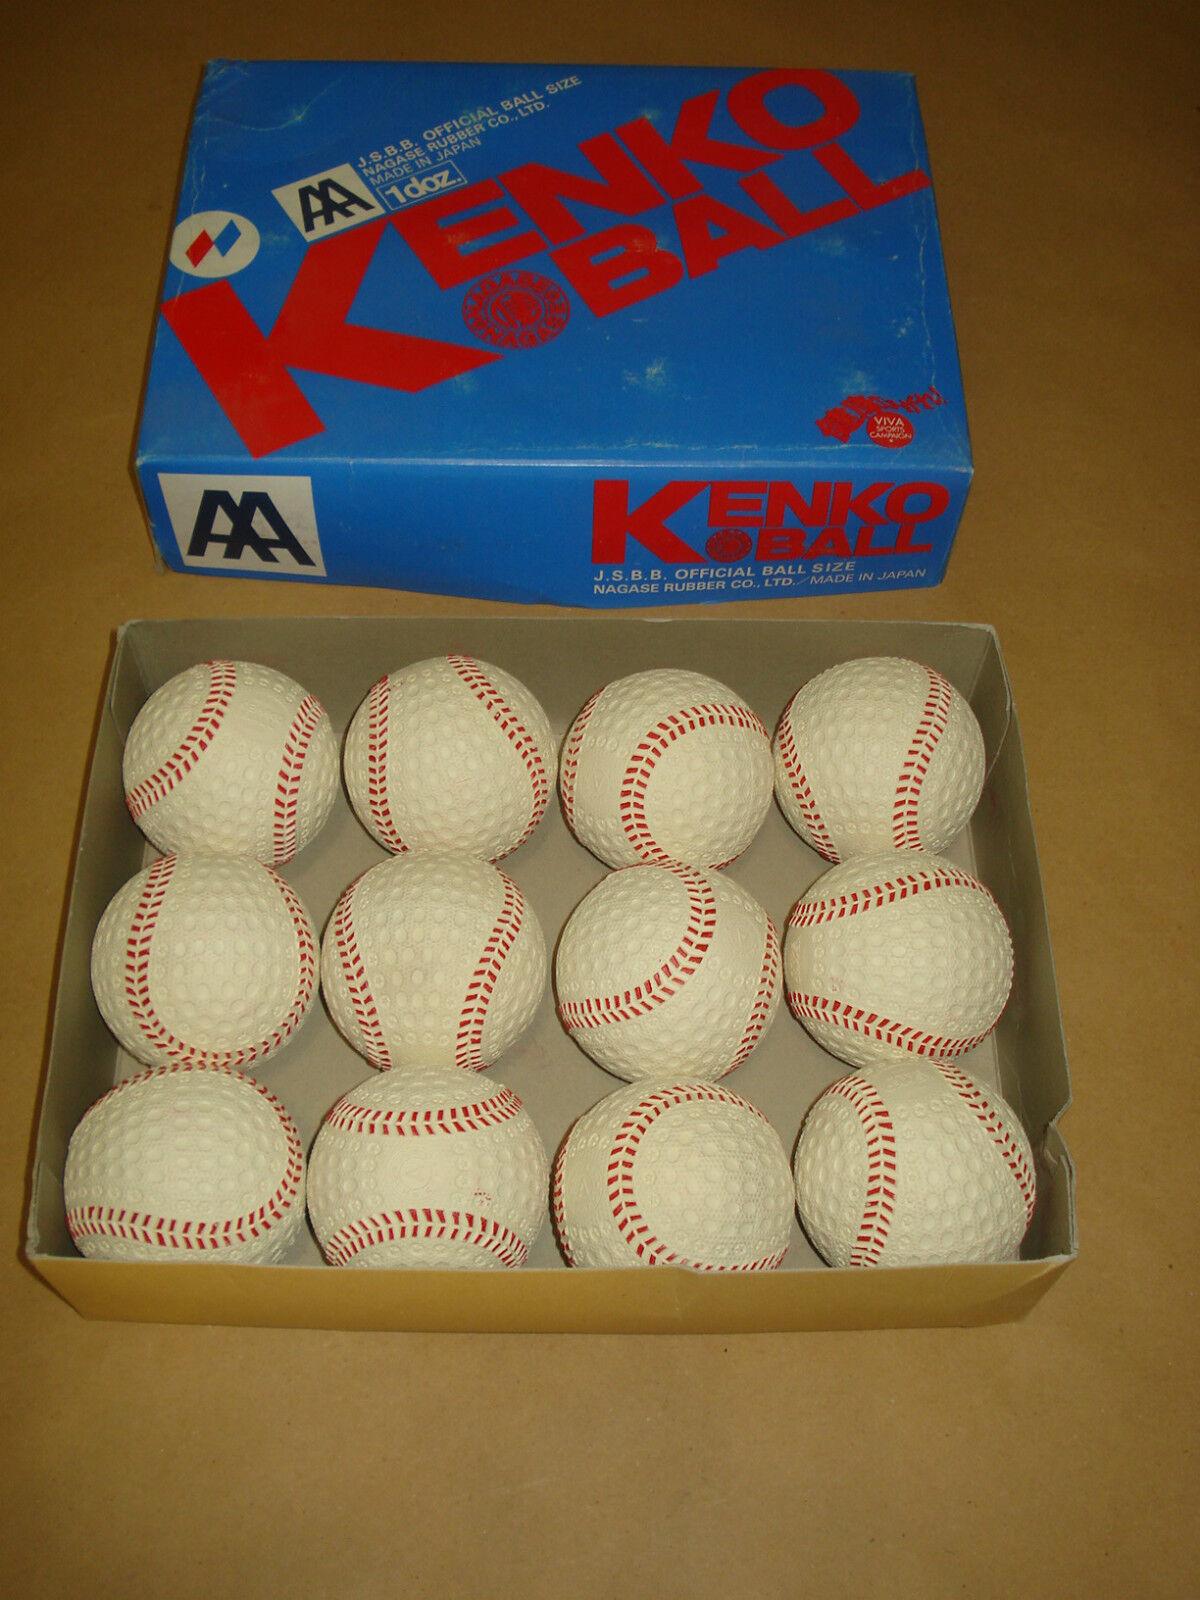 Nagase GOMMA Kenko 9.0 sicurezza una sicurezza 9.0 AEREA Baseballs-UNA DOZZINA – NUOVO-ORIGINALE 0c2ab1